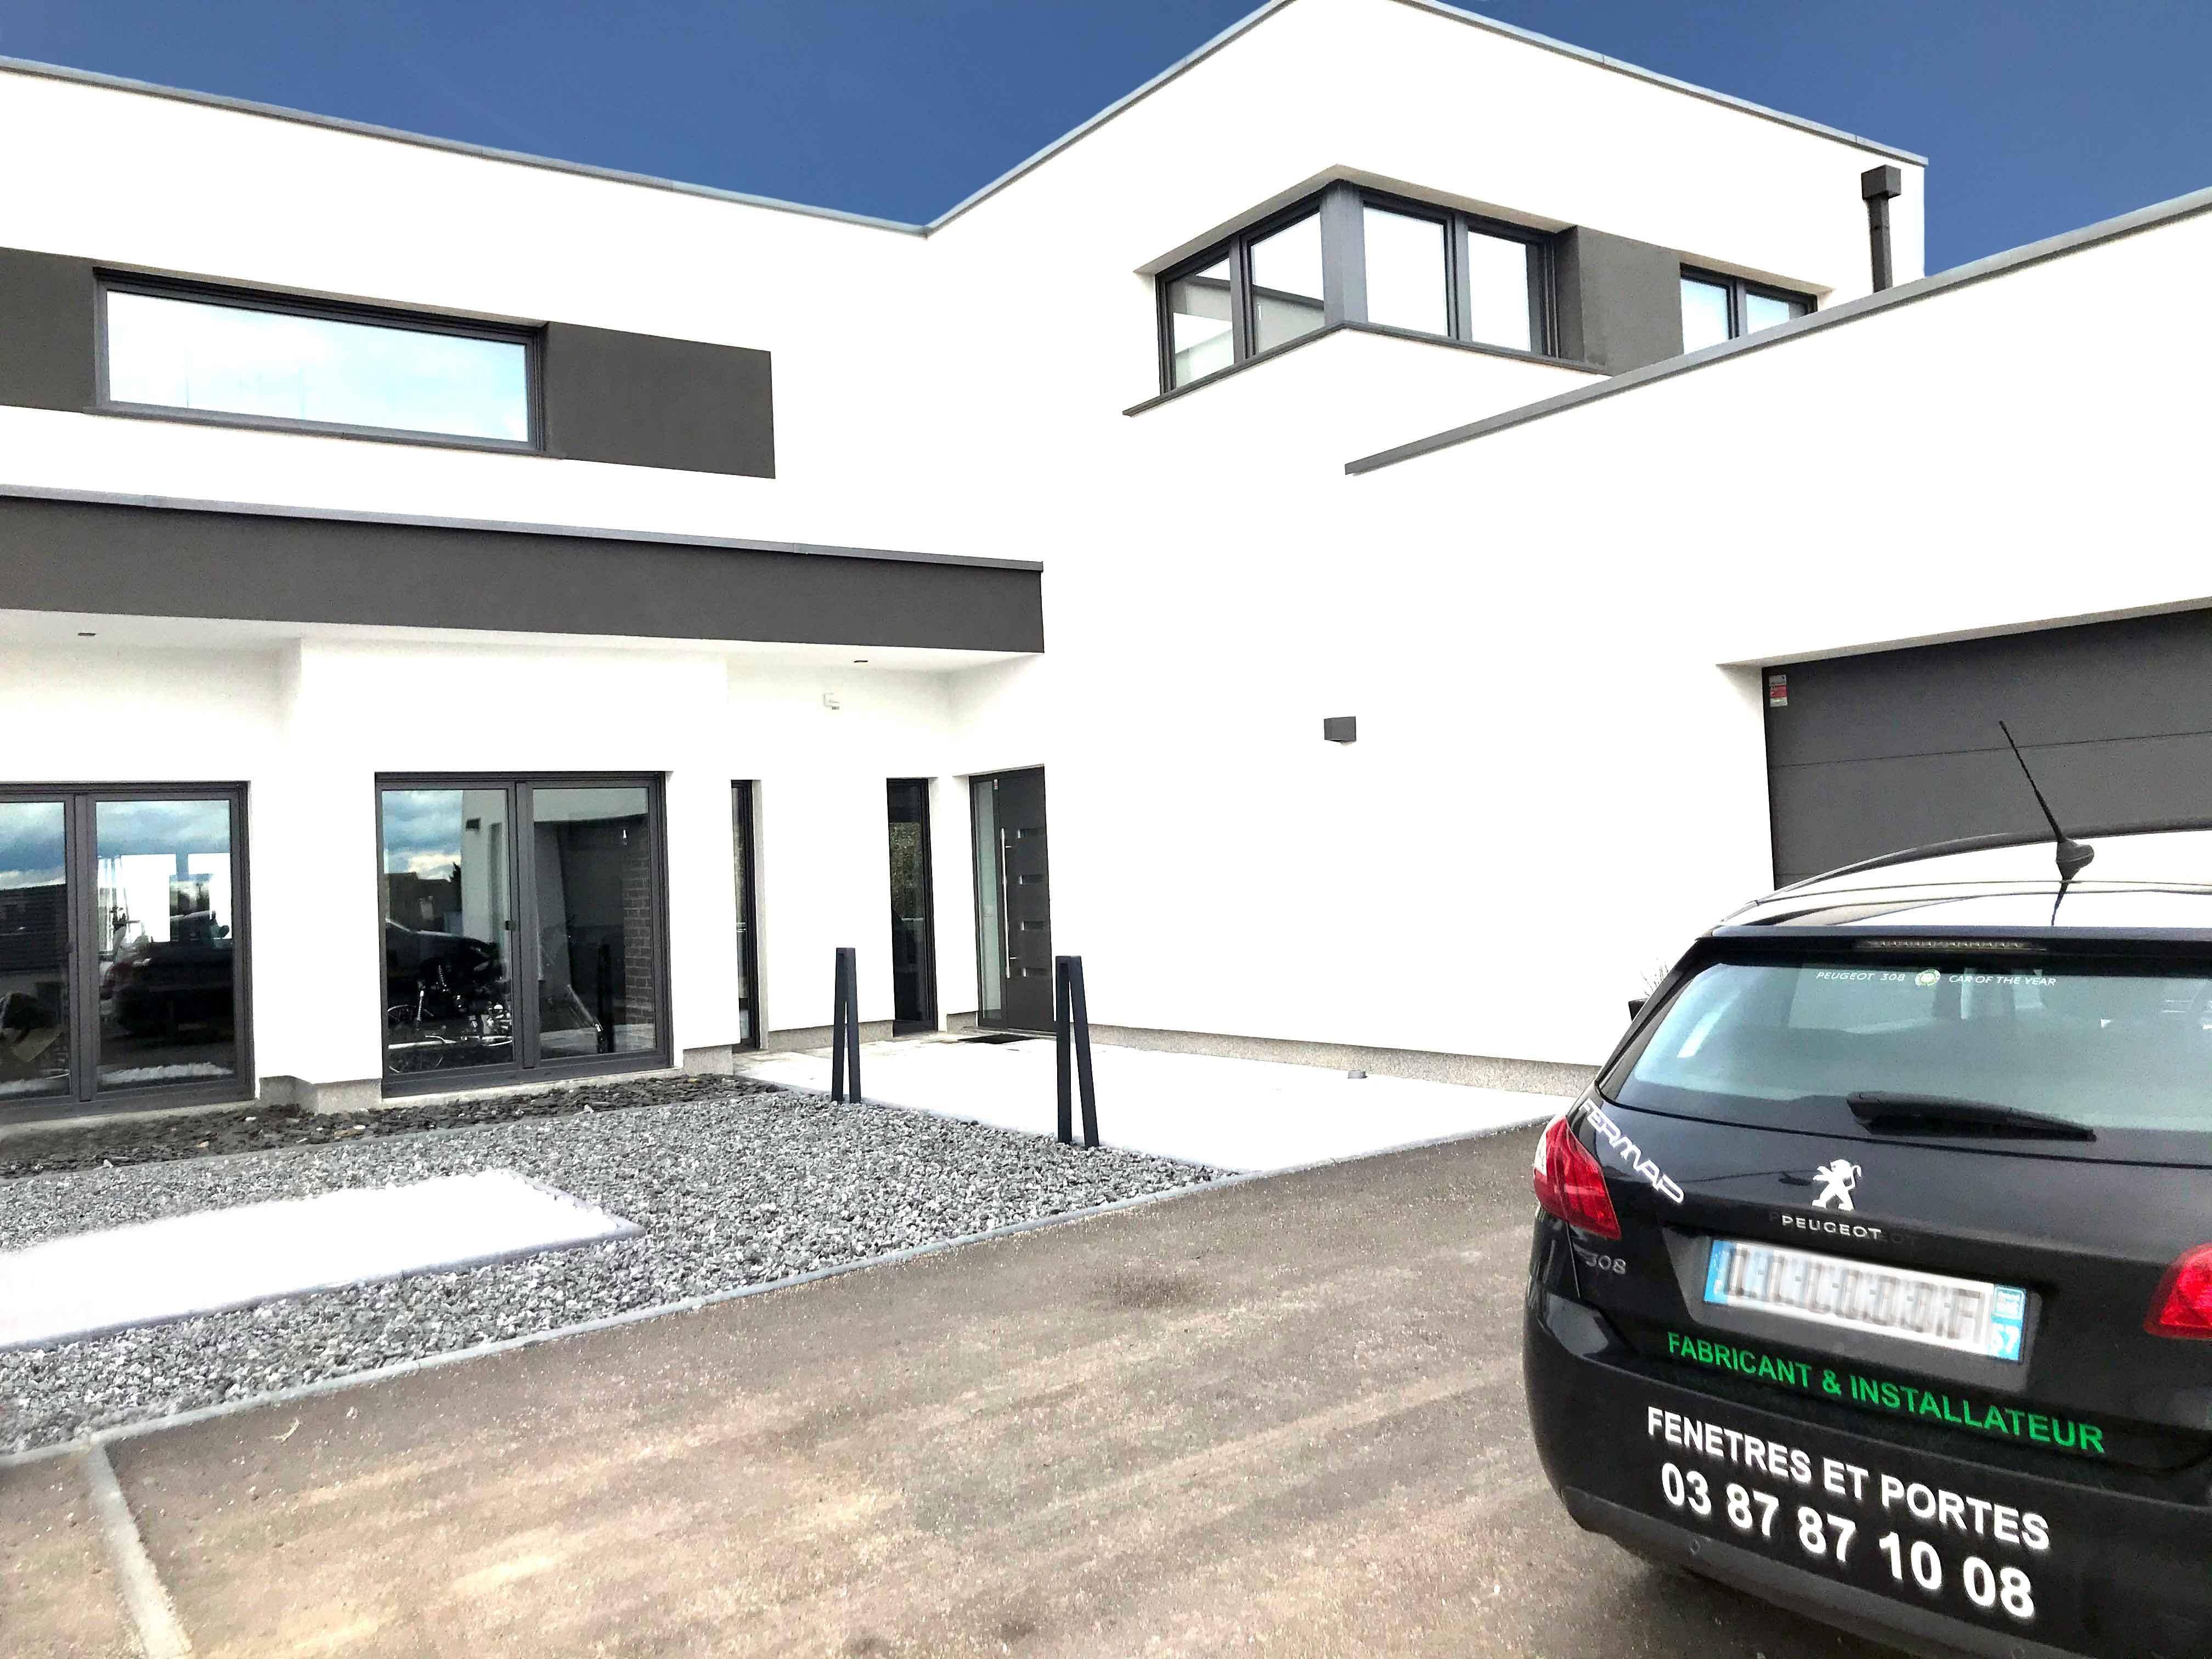 Maison neuve avec fenêtres DB703 FERMAP